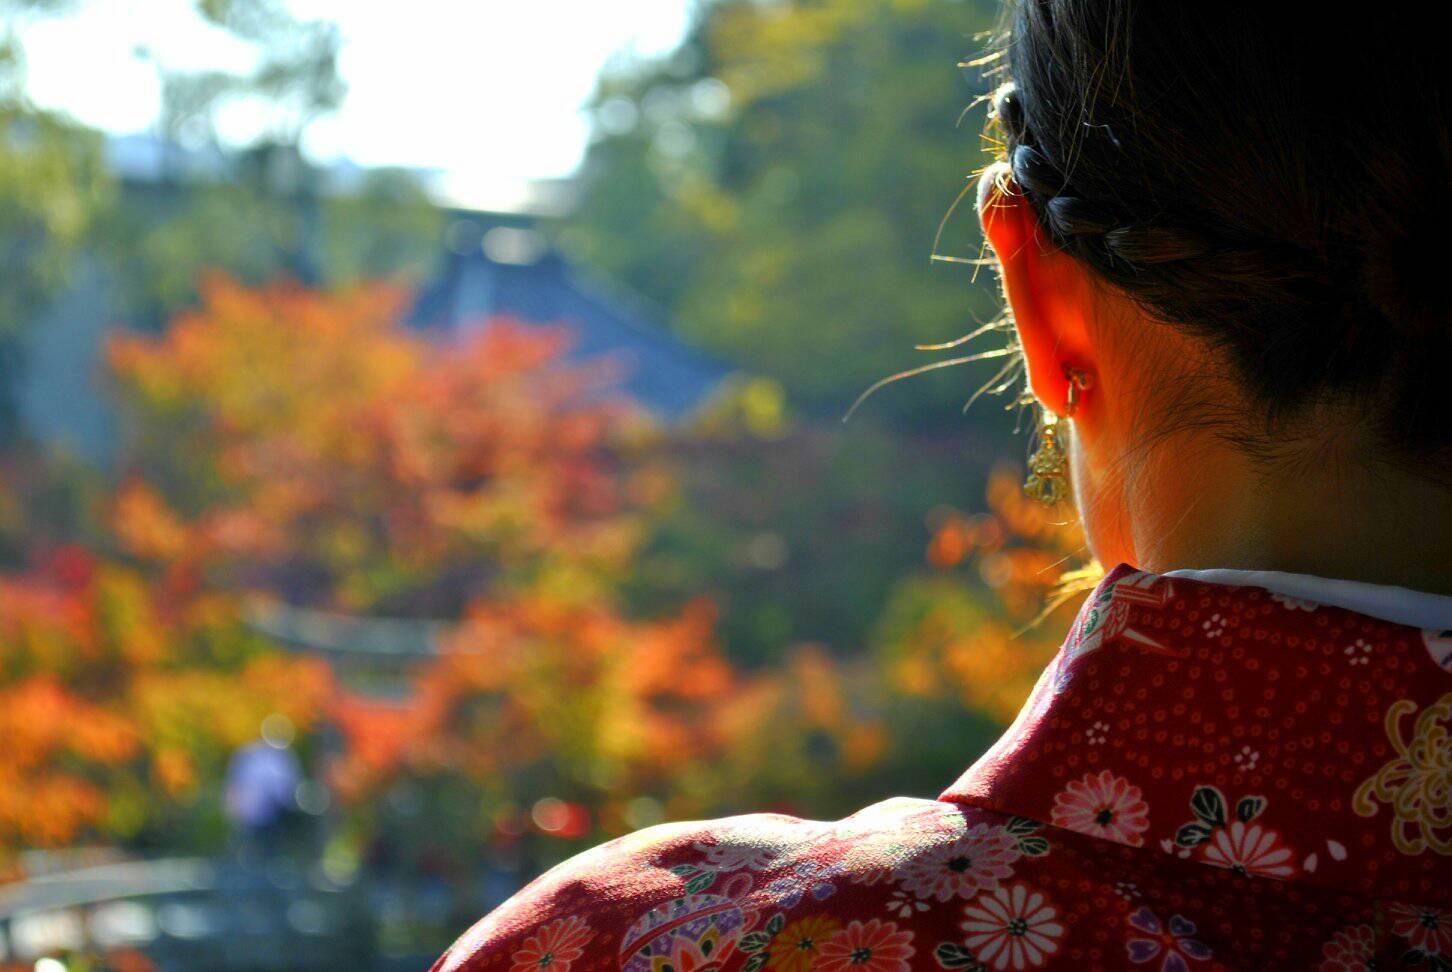 女性のうなじと紅葉の写真